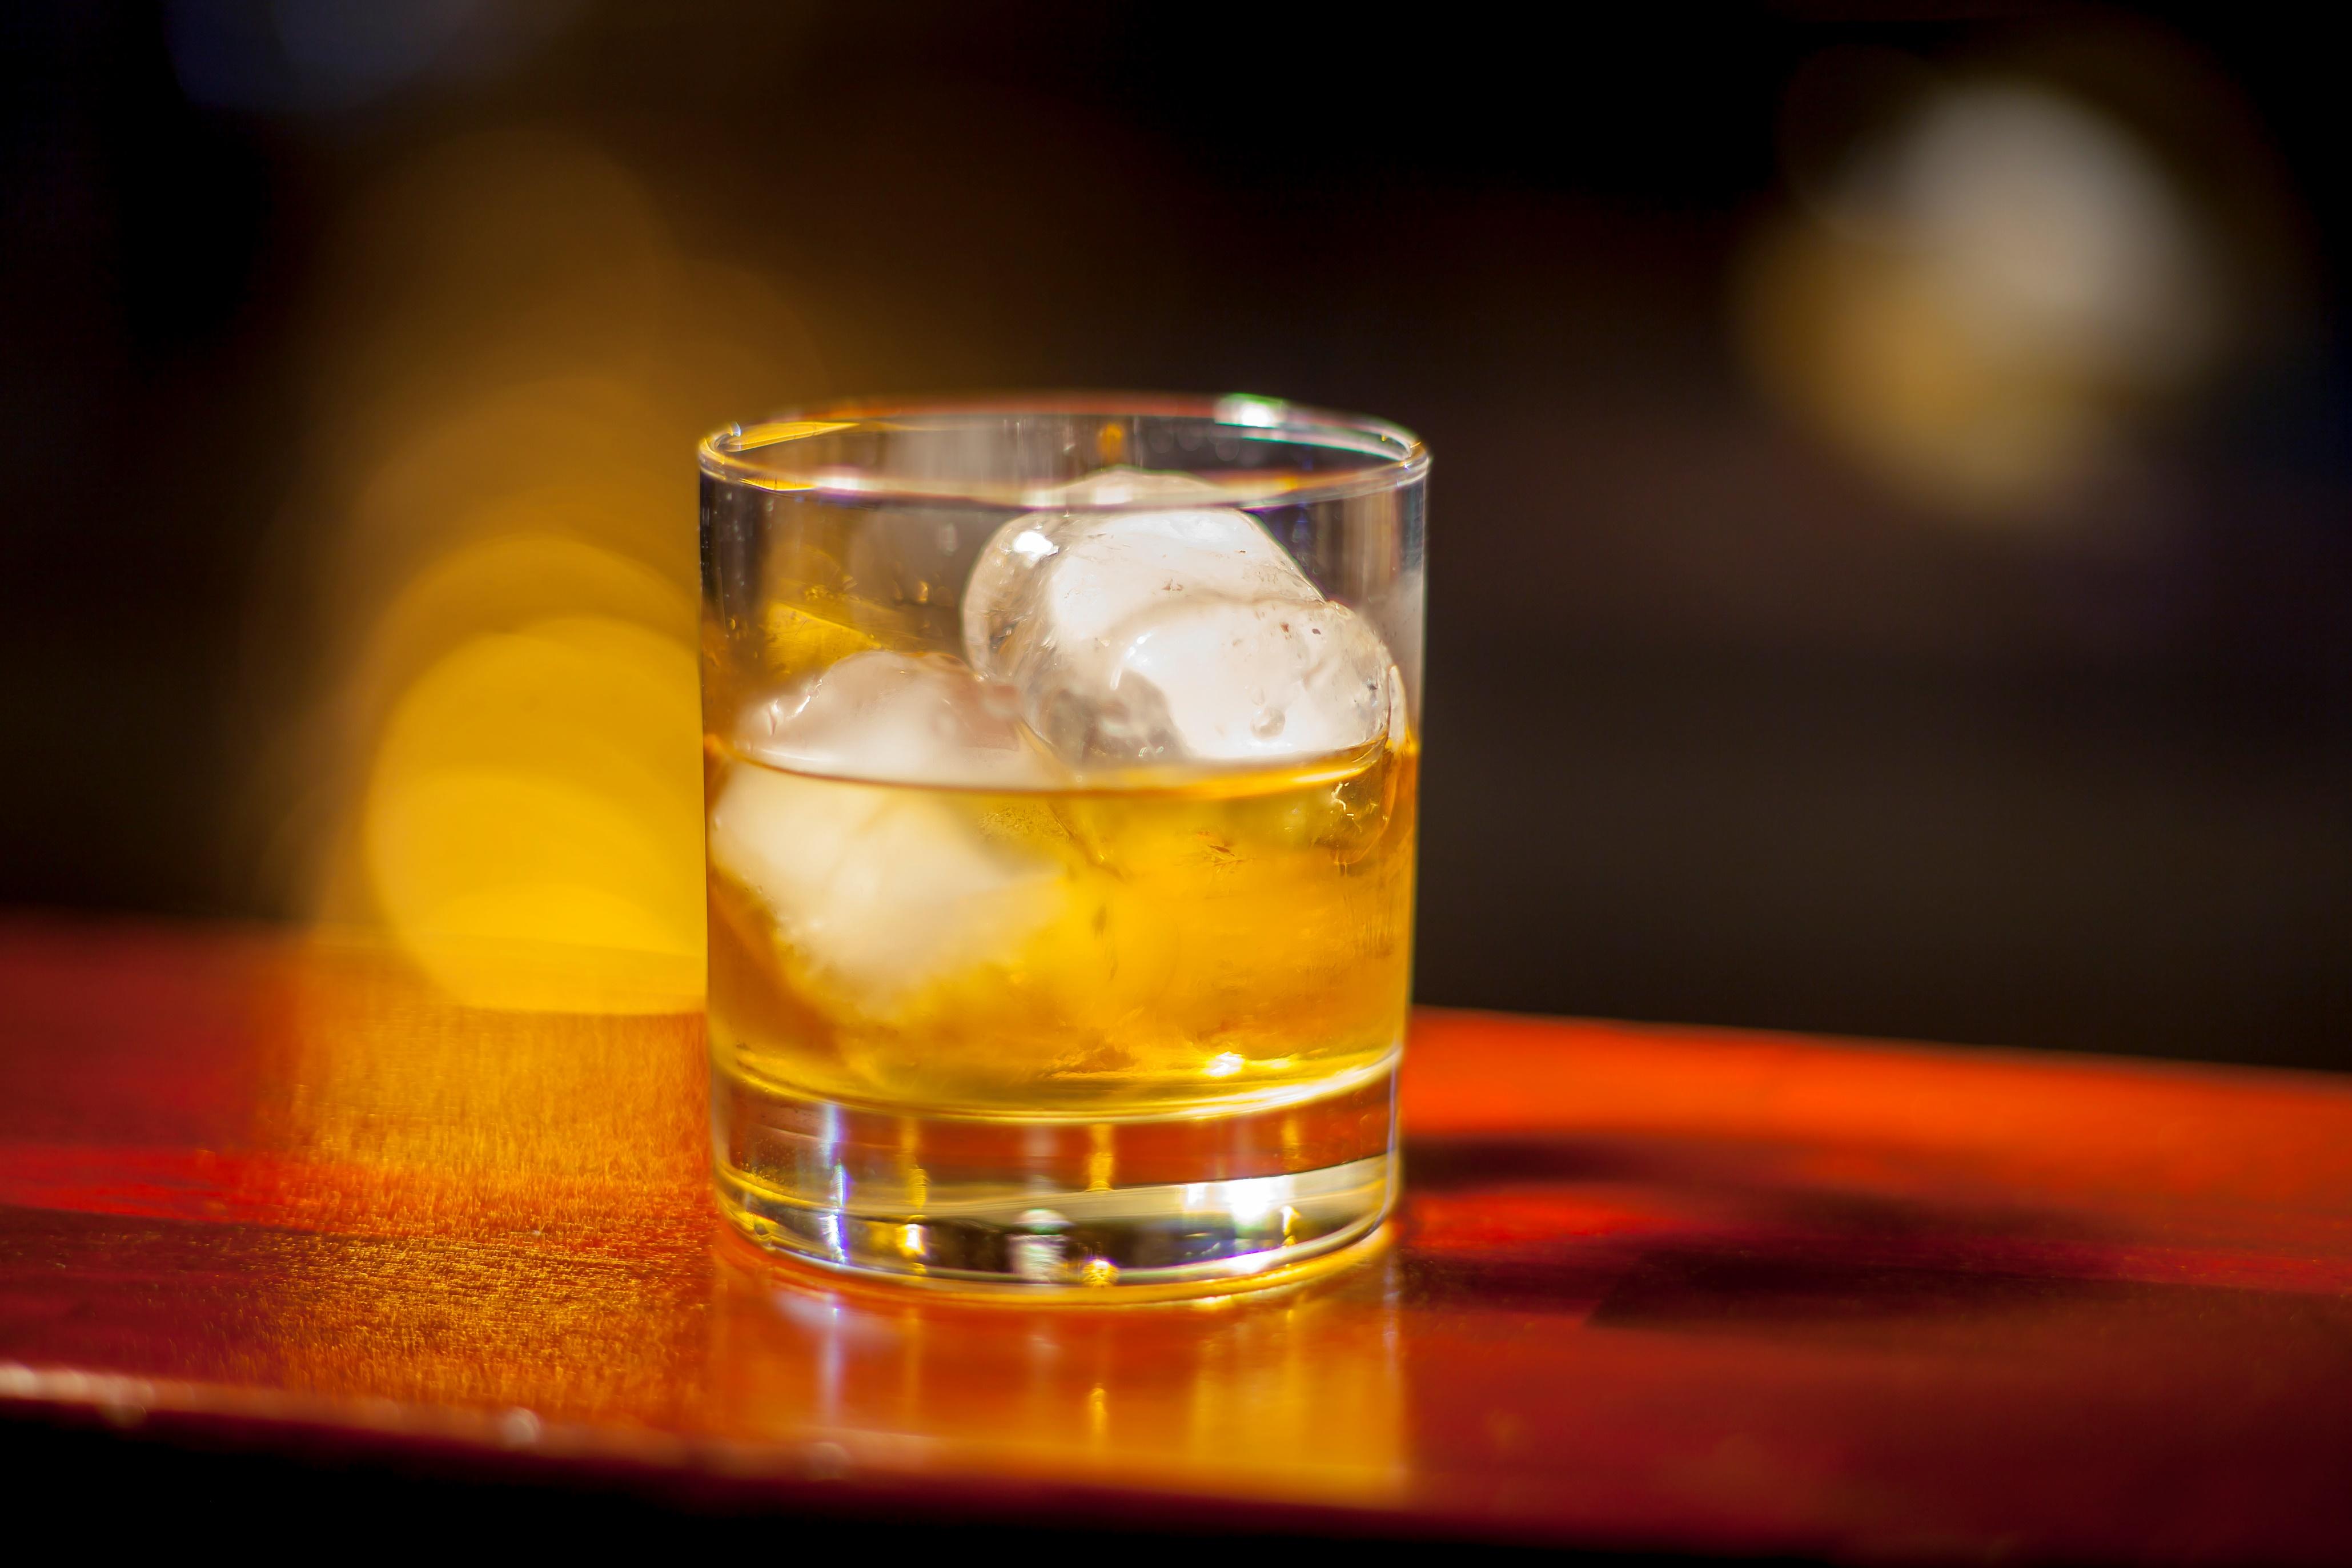 ¿Sabías que el hielo de calidad evita la resaca?